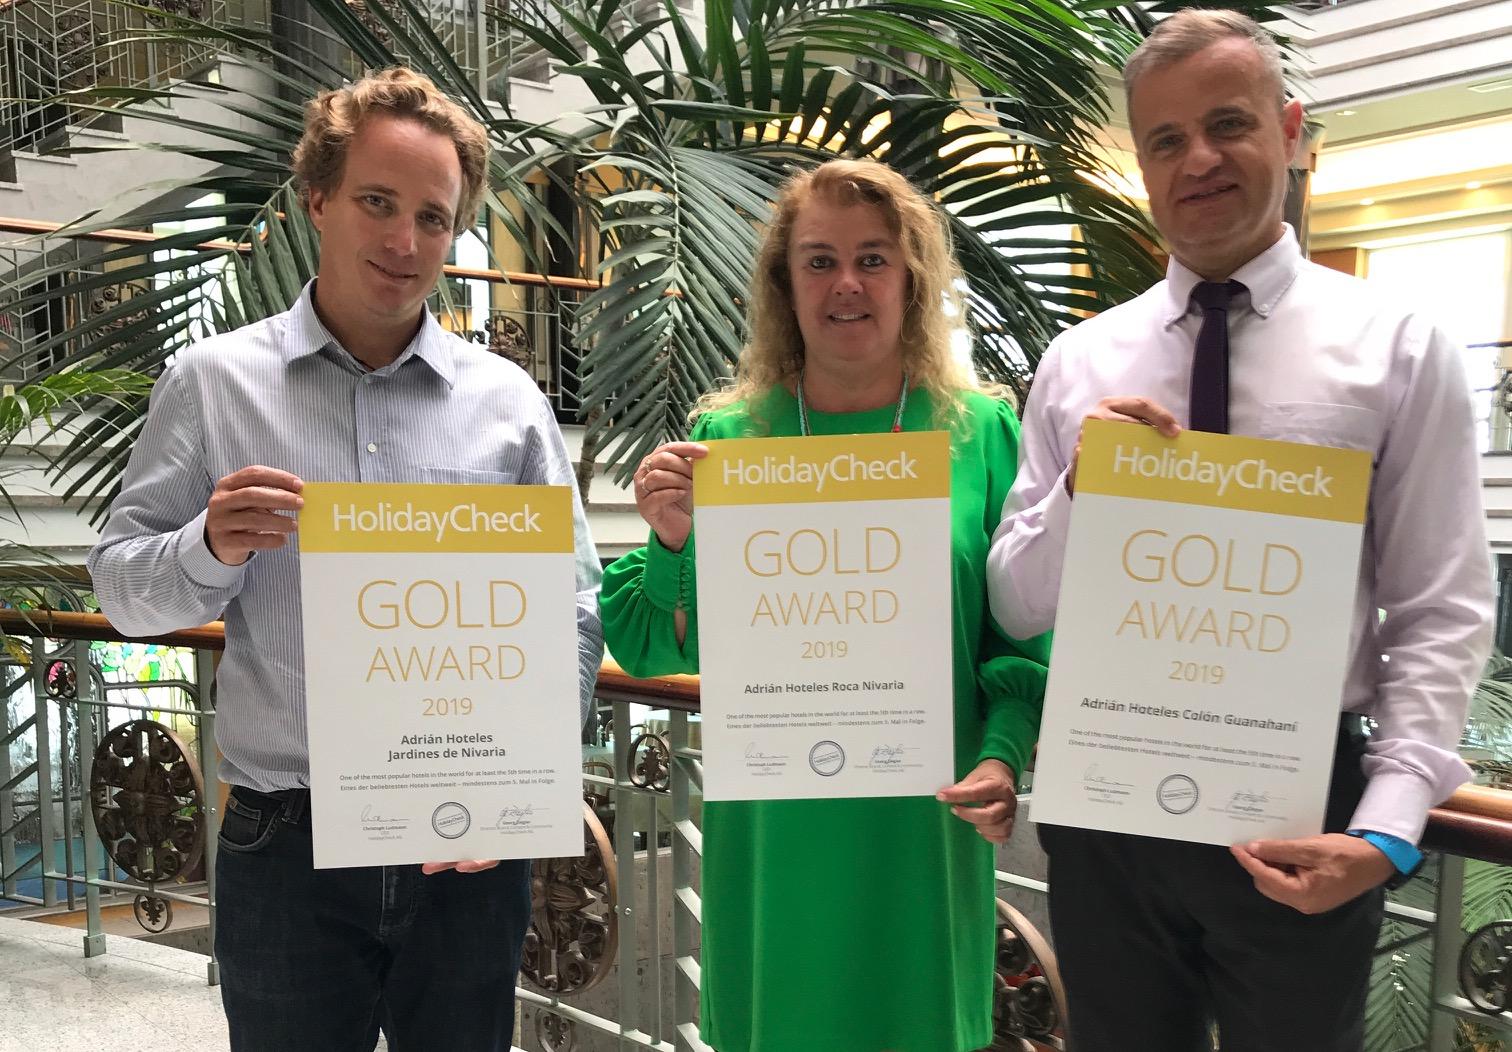 holidaycheck gold award 2019 adrian hoteles horizontal